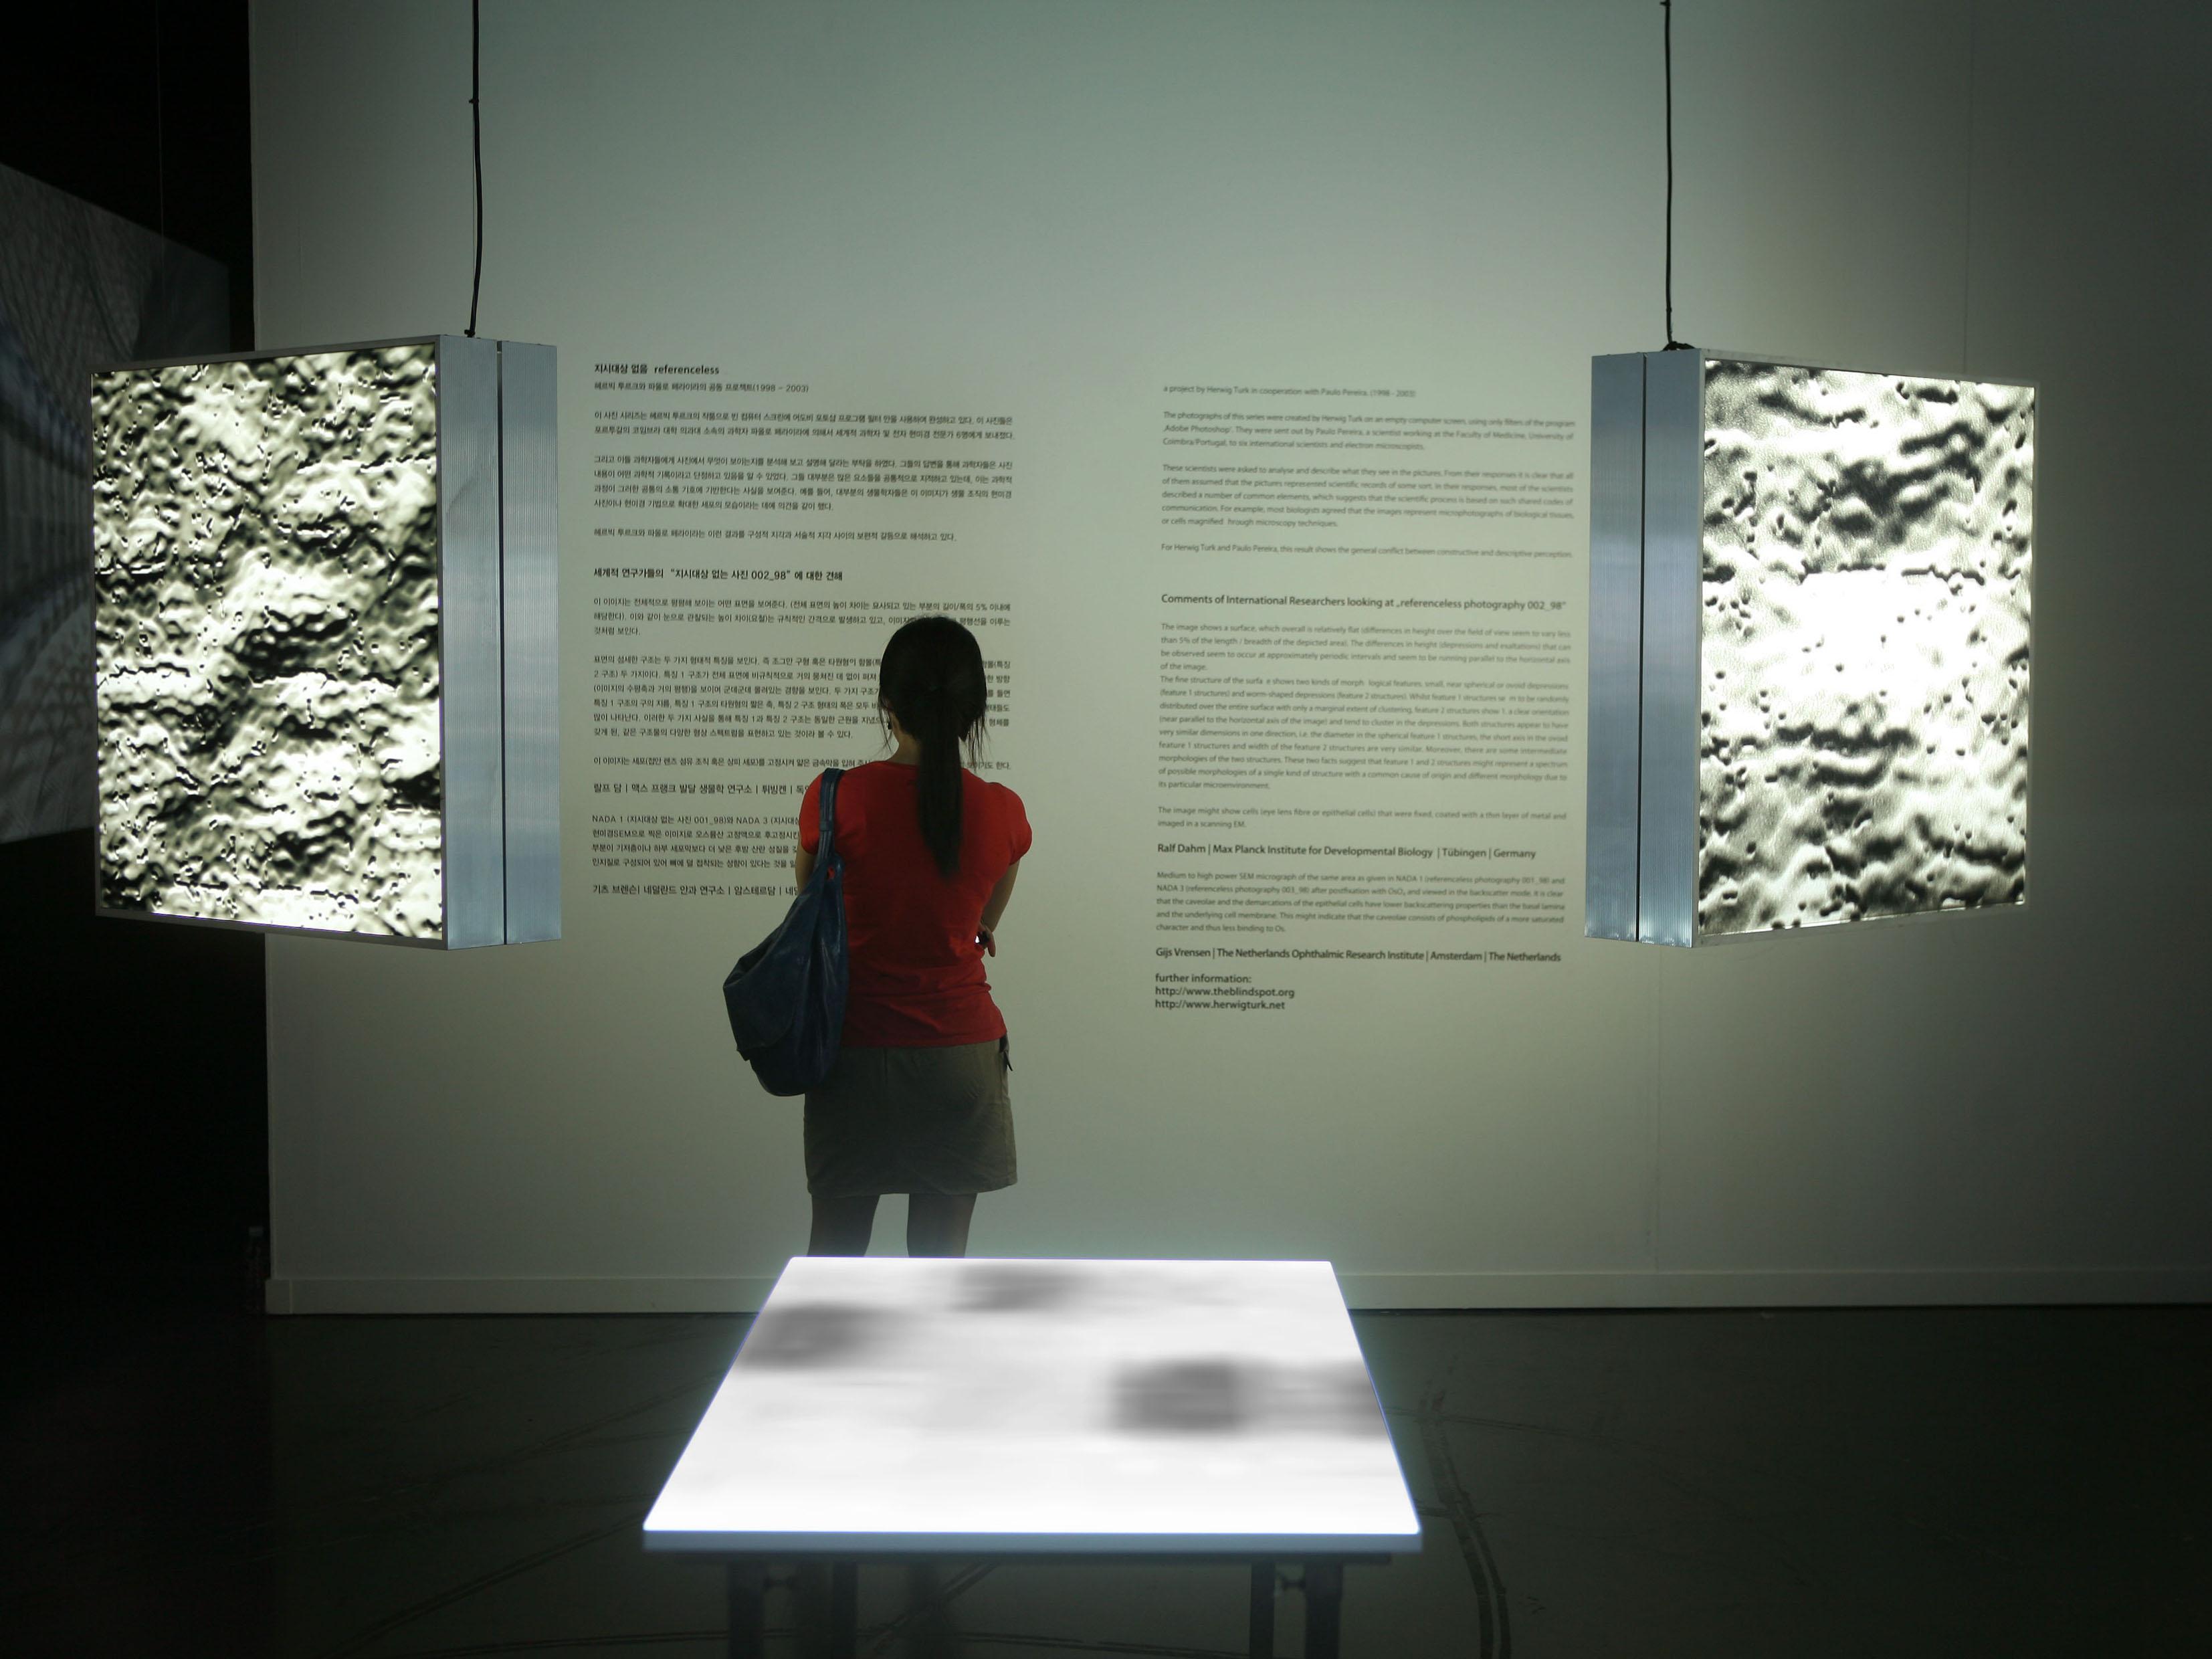 Imagem com plano de exposição, onde se vê pessoa de costas lendo